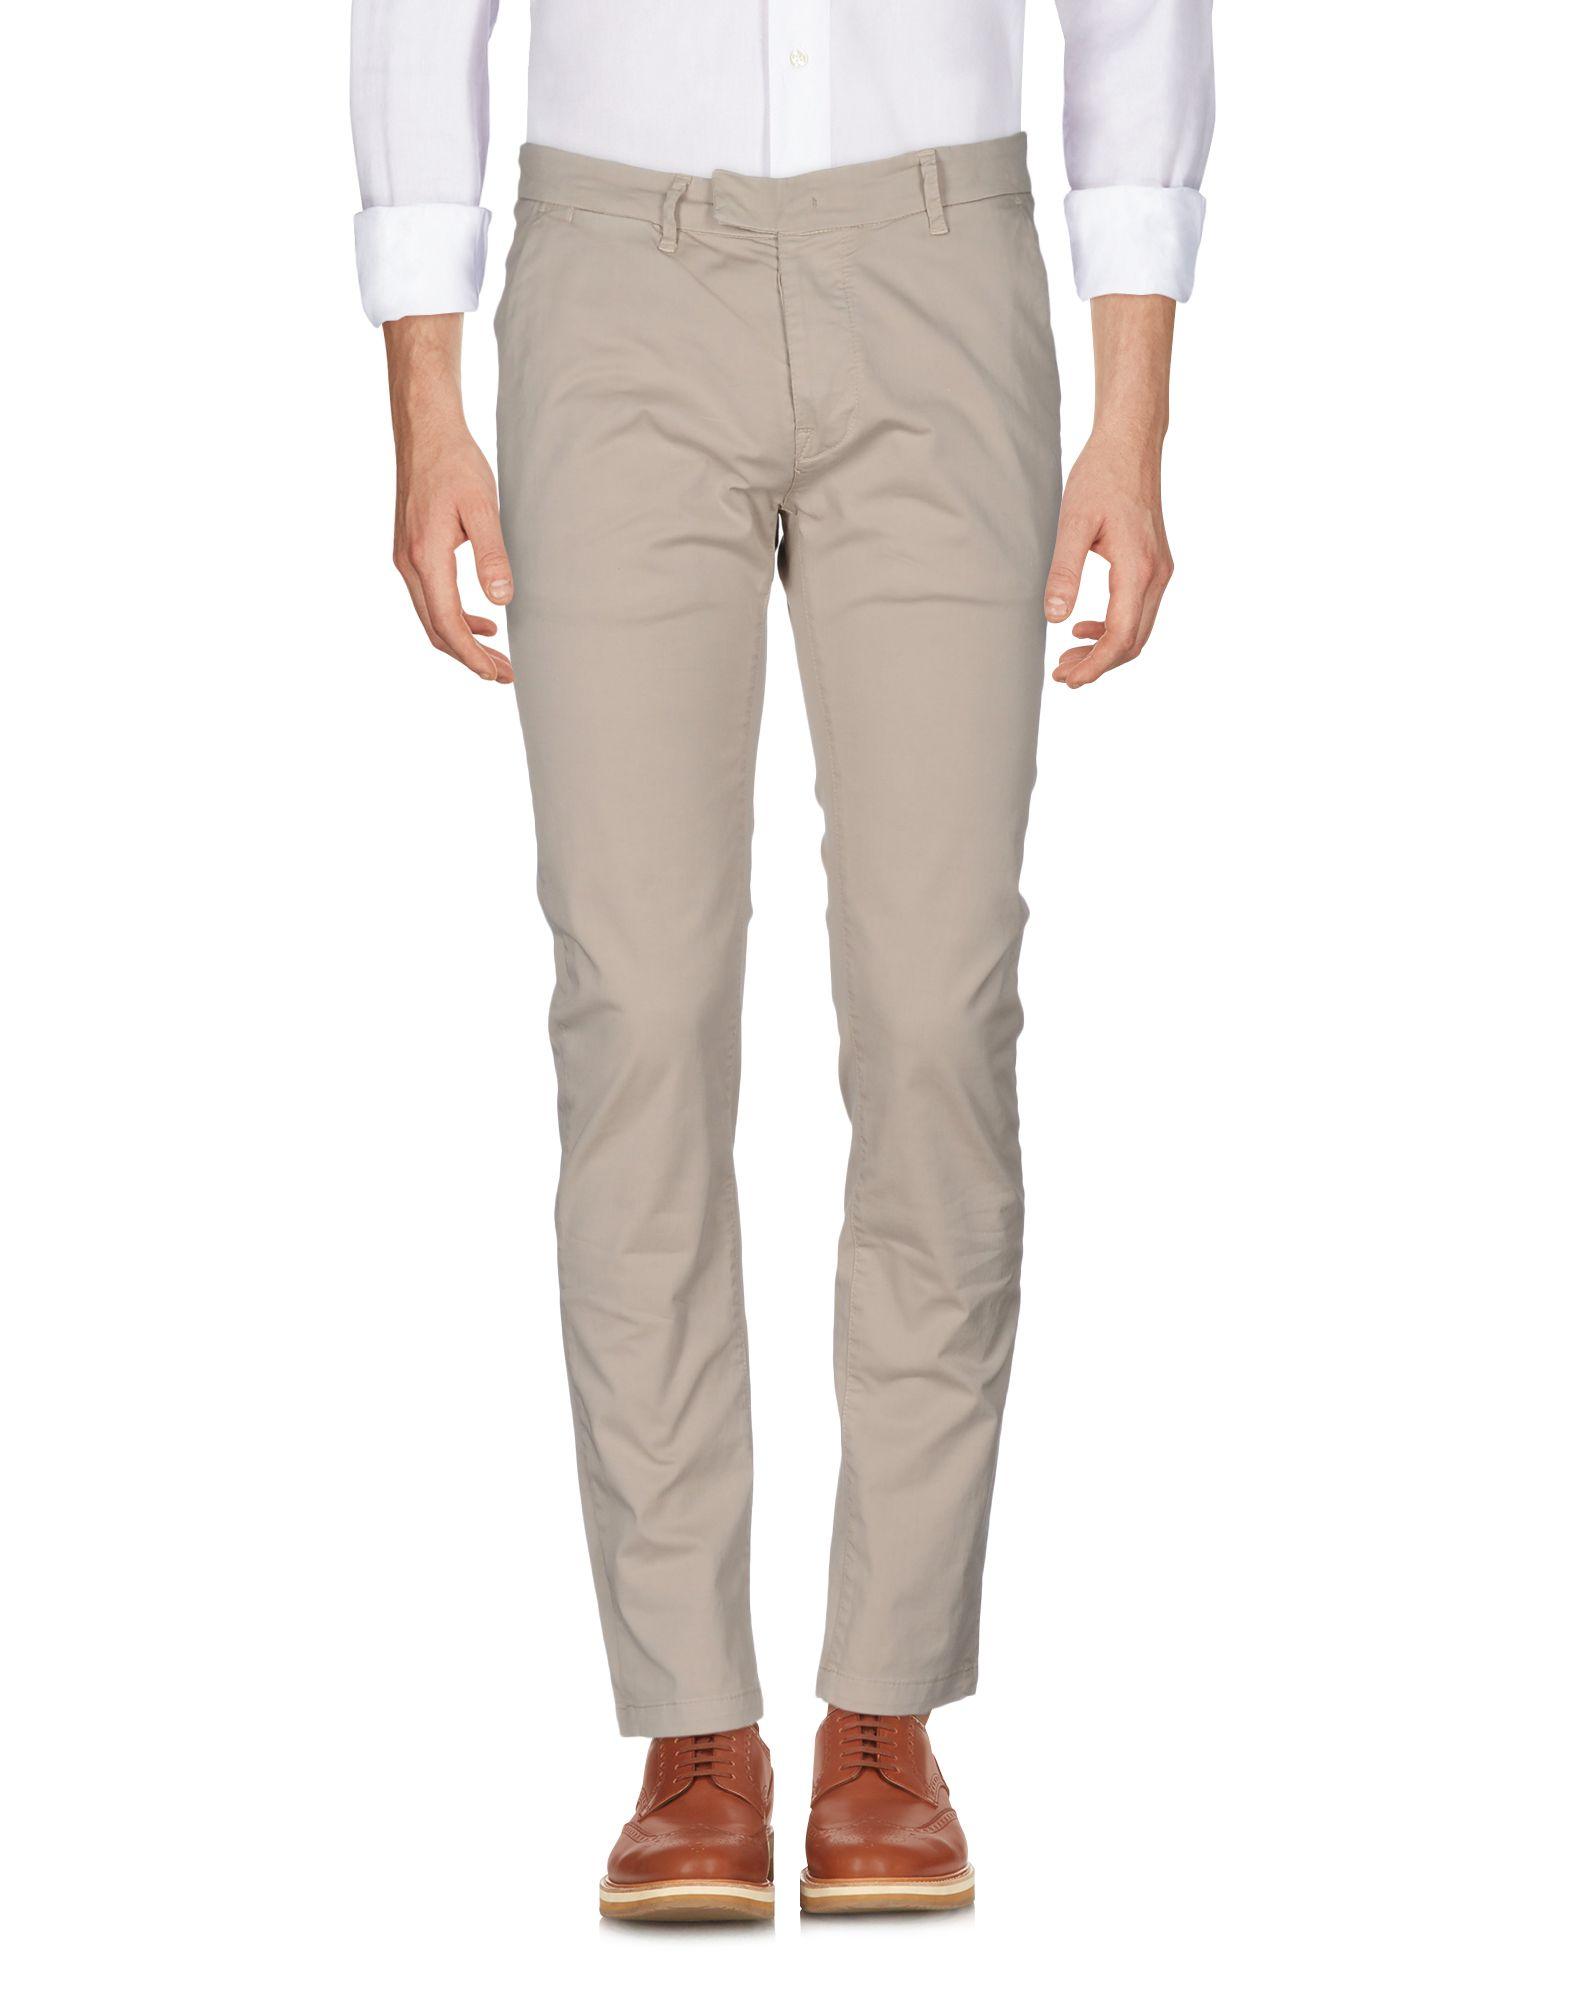 AN UPDATE Повседневные брюки брюки для беременных topshop 4 22